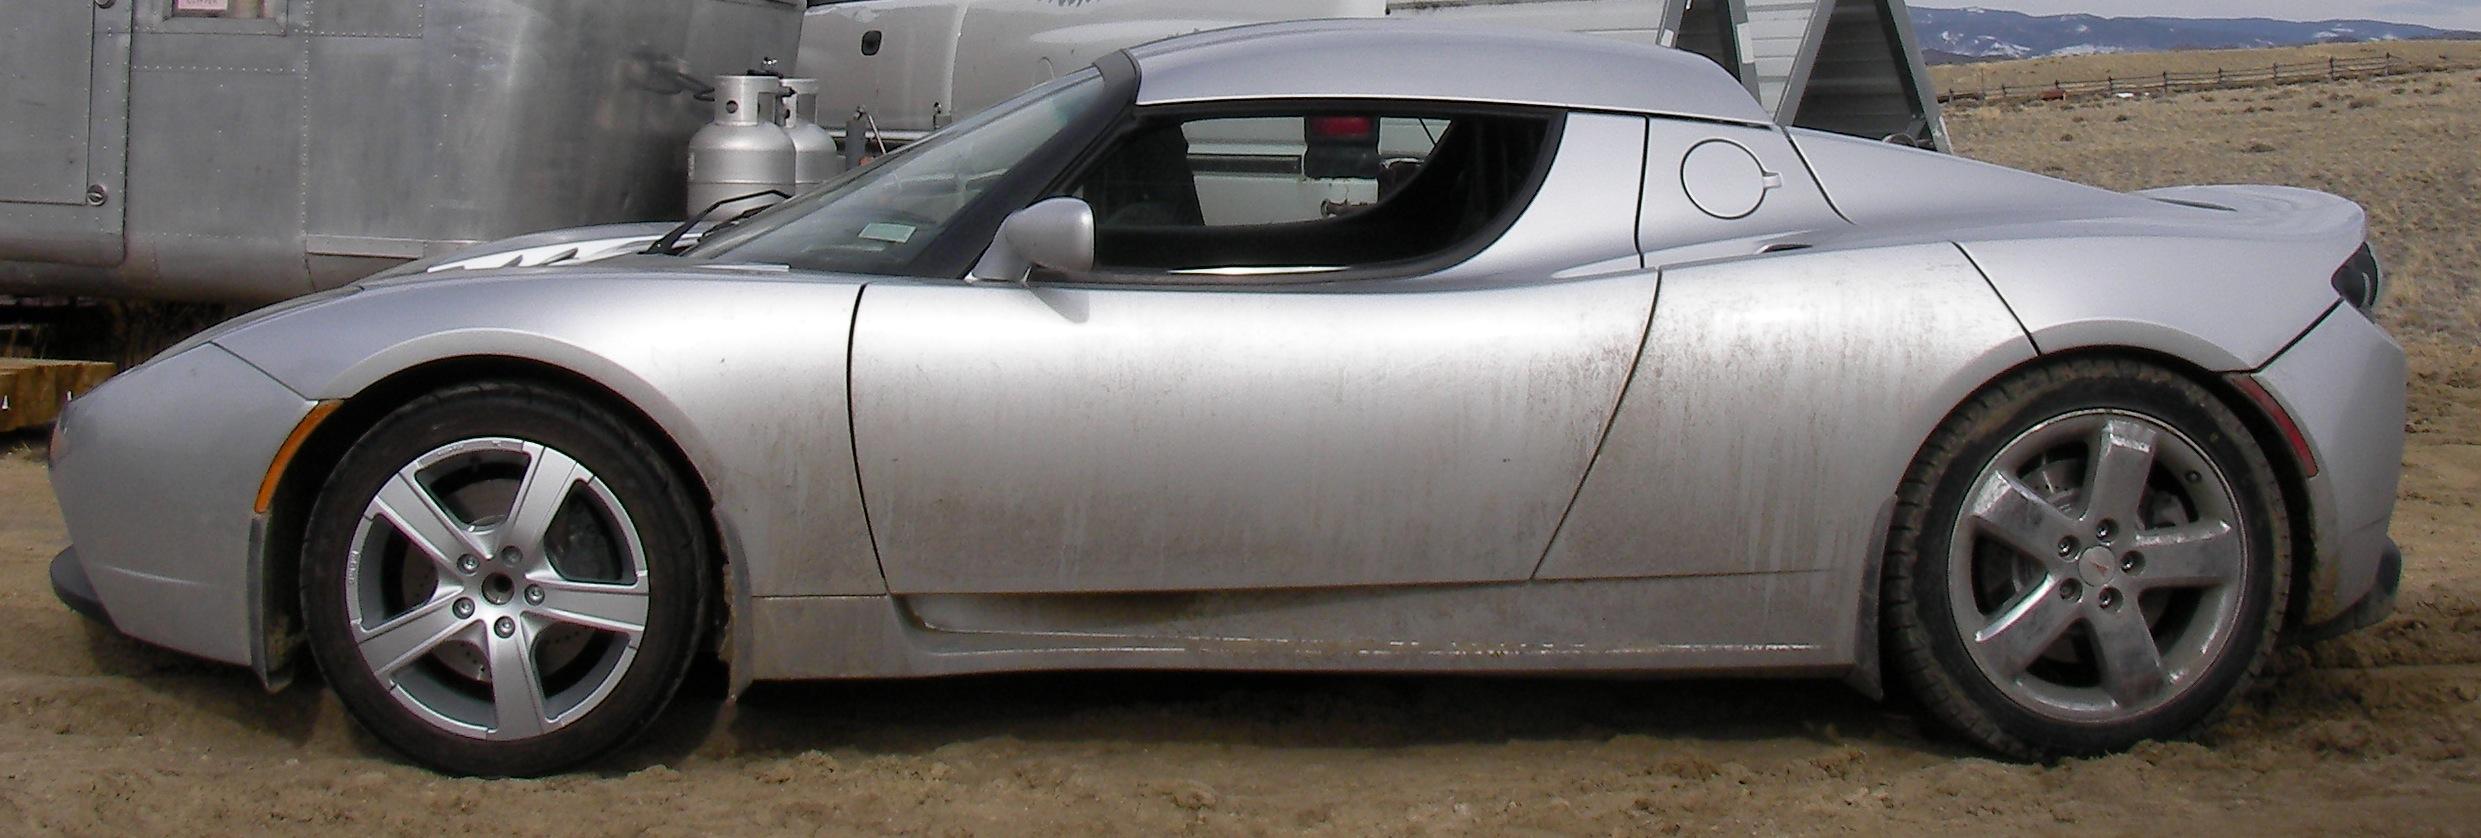 Roadster-Momo&G6oem.JPG